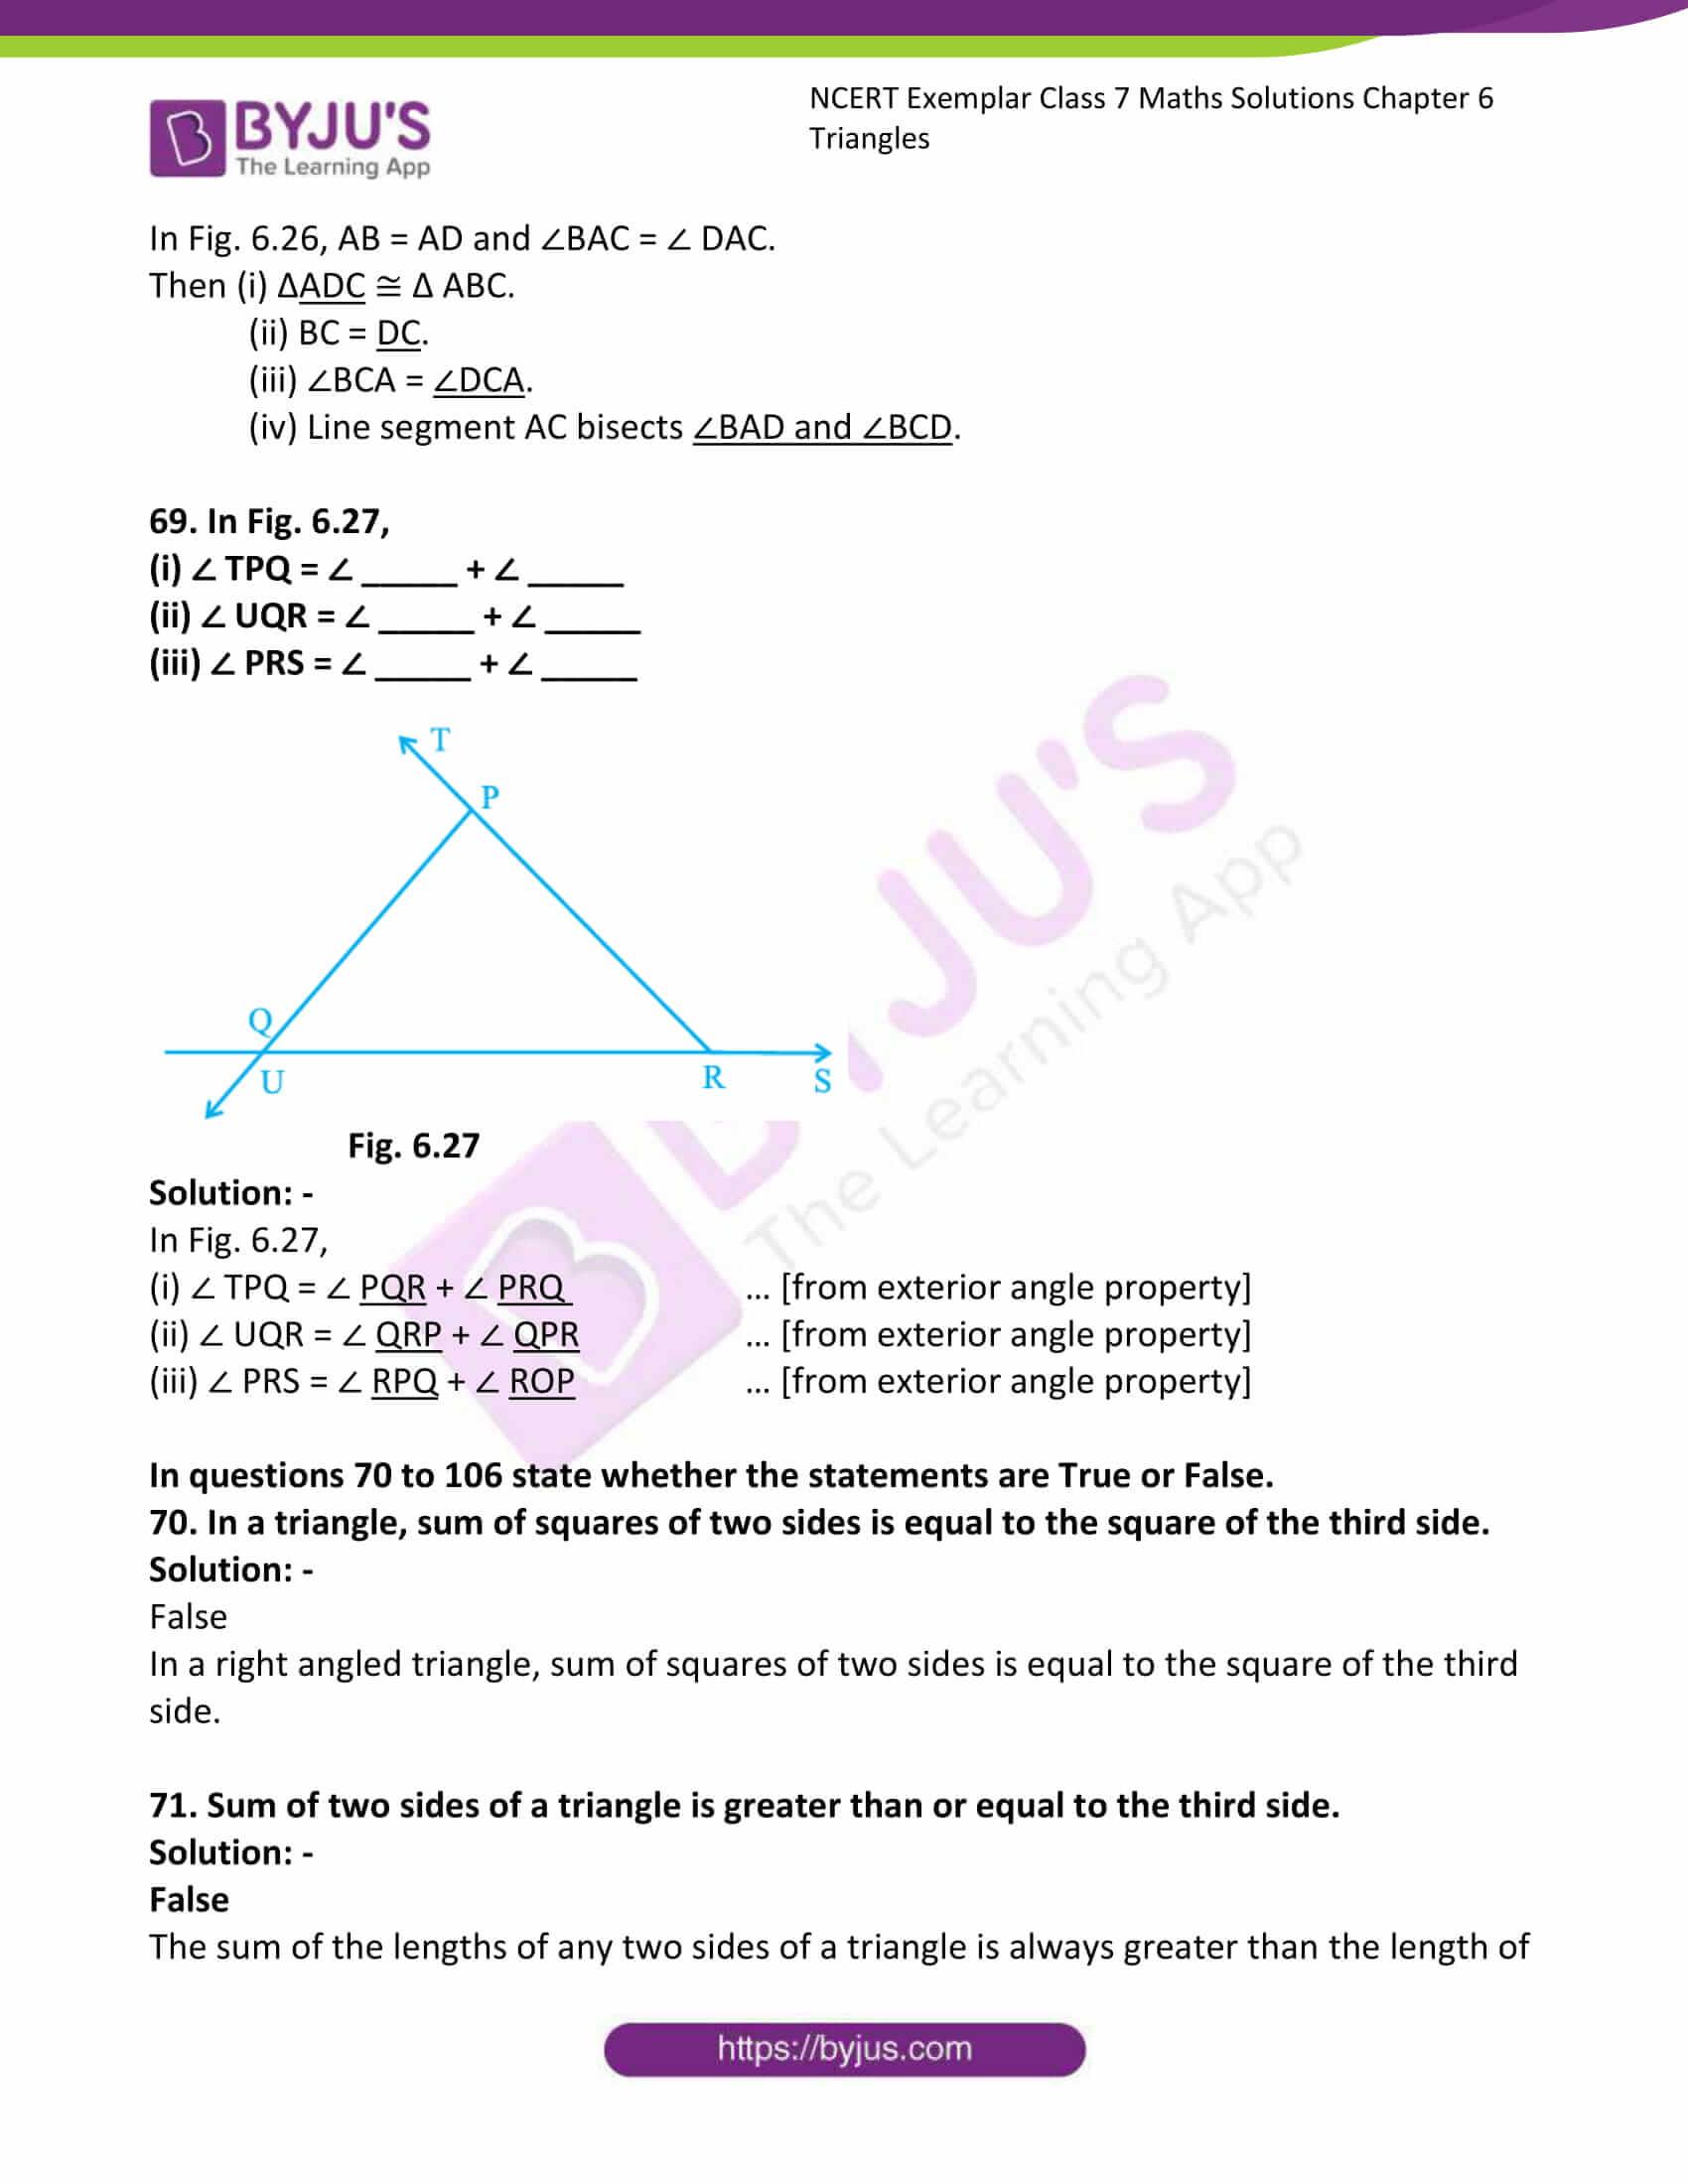 ncert exemplar class 7 maths solutions chapter 6 triangles 26